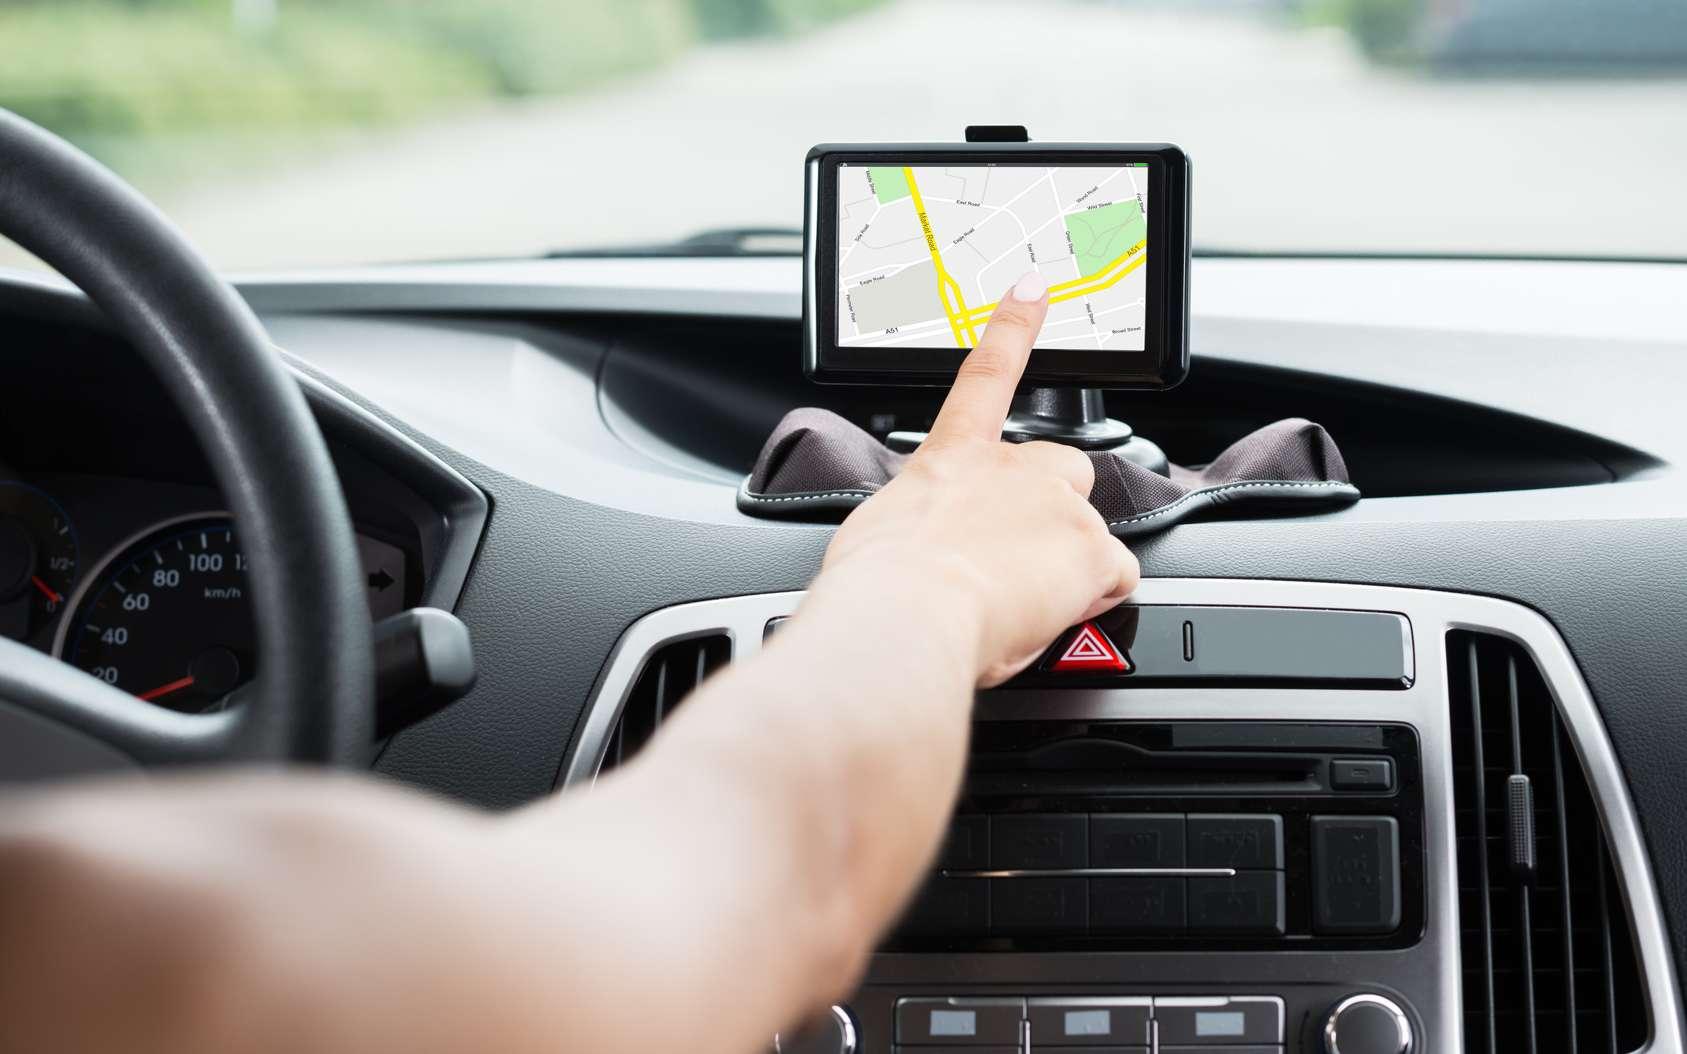 En prenant la main sur un tracker GPS, un pirate peut suivre les mouvements d'une personne, mais aussi repérer le tracker ou identifier son numéro de téléphone. © Andrey Popov, Fotolia